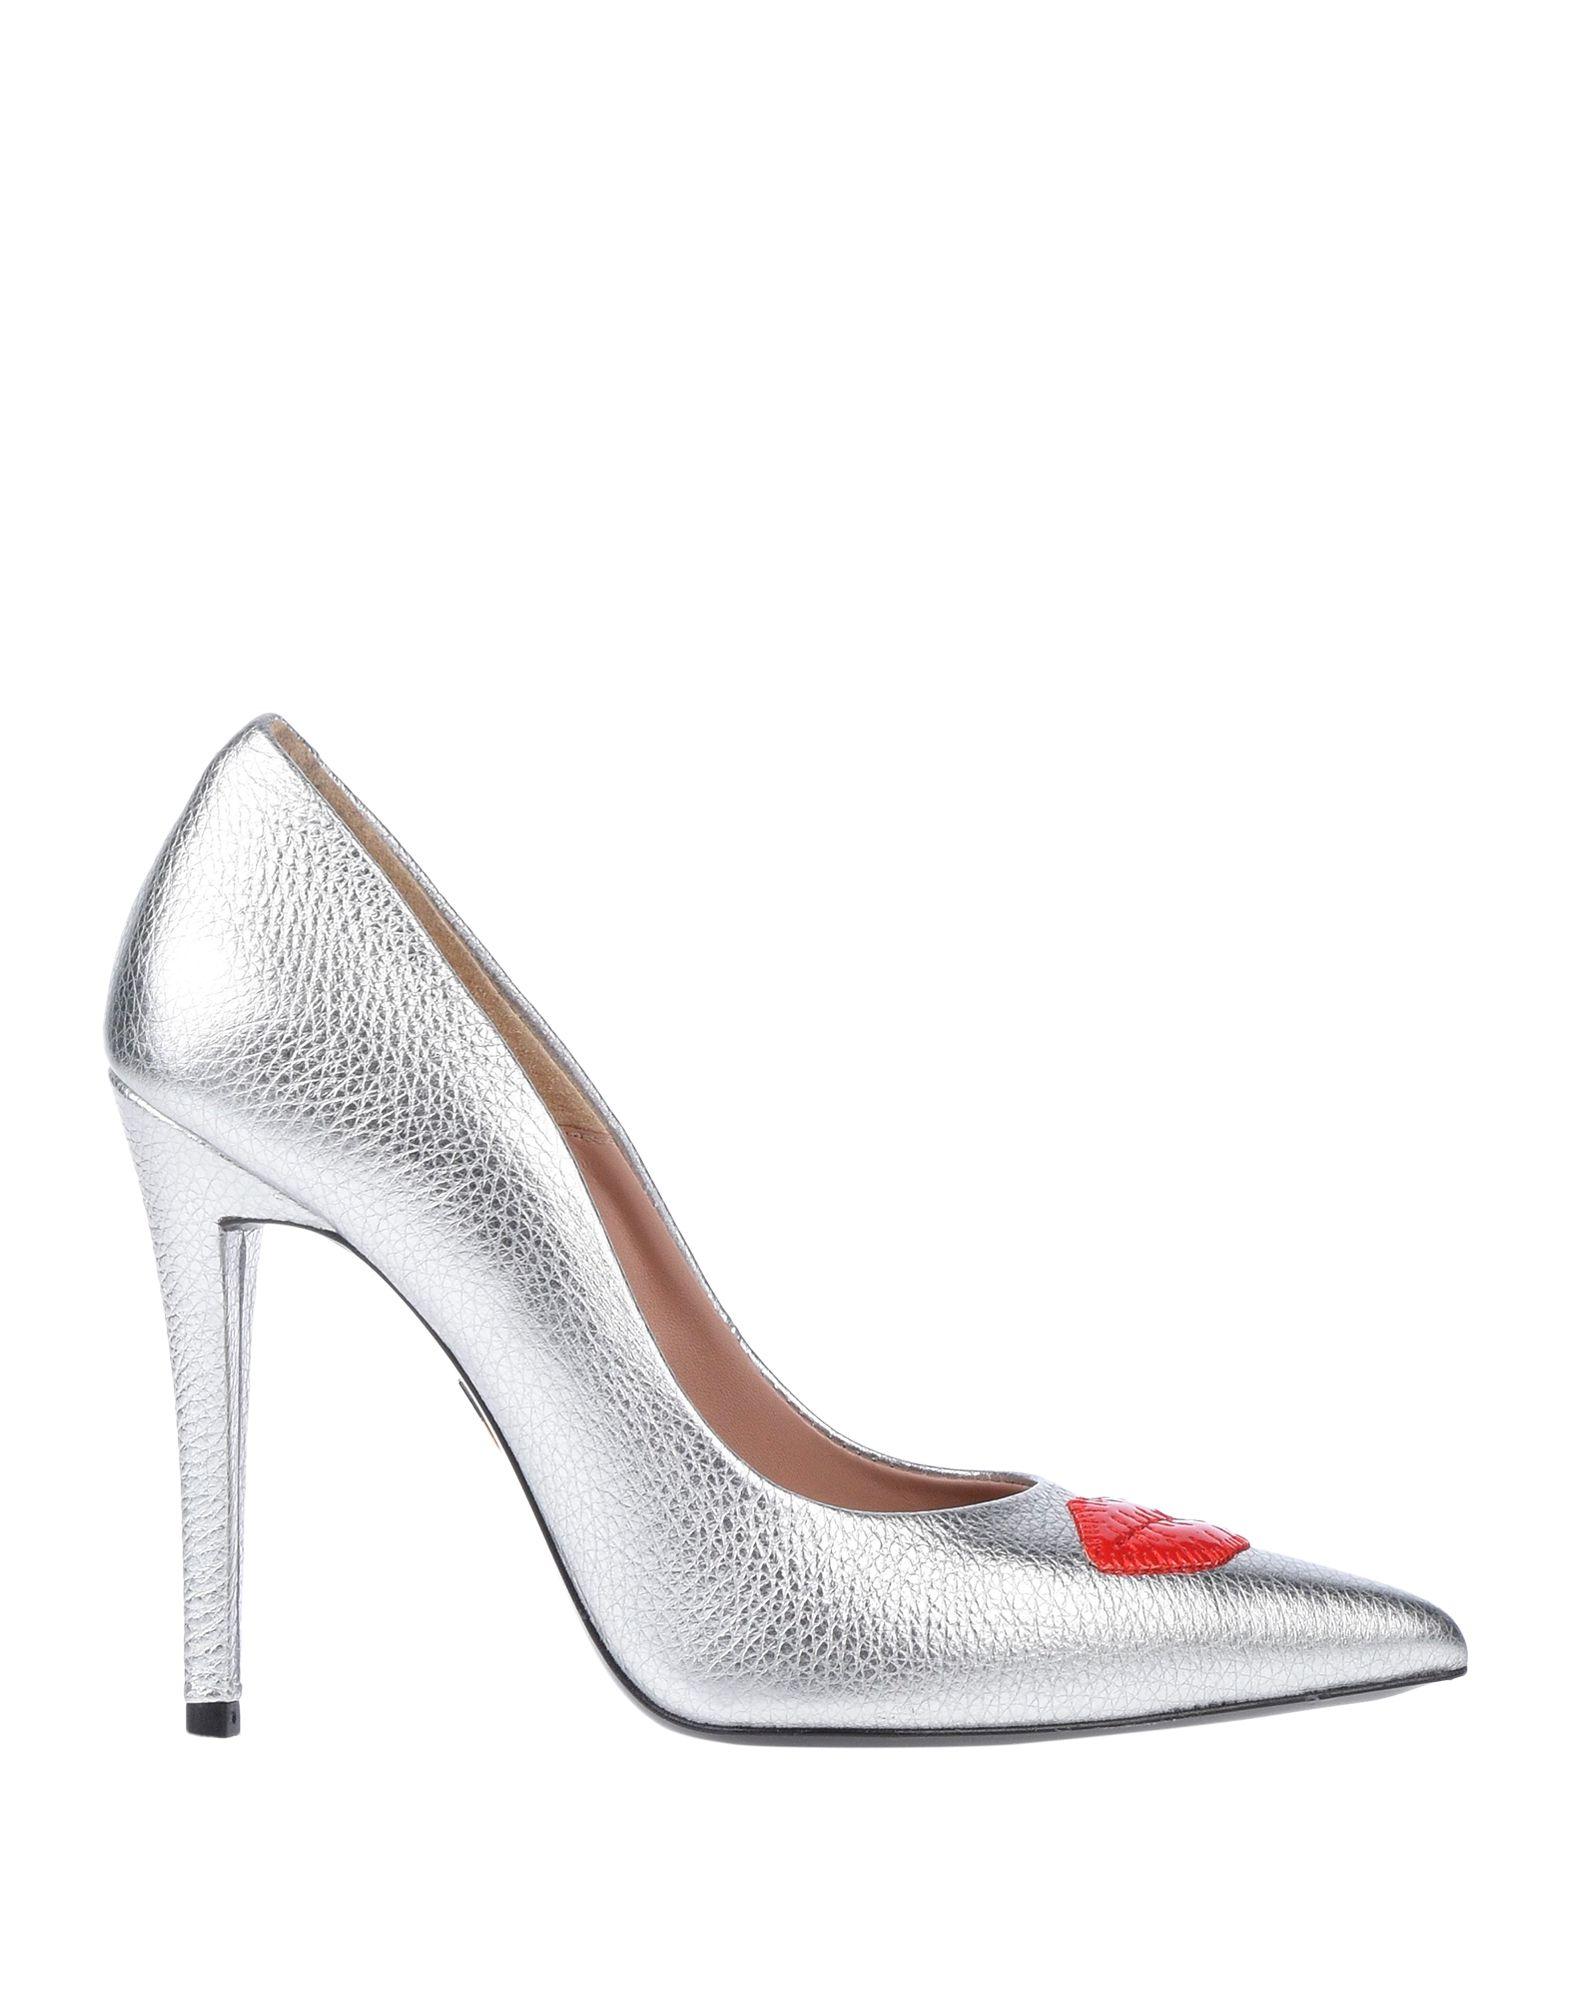 Casual Casual Casual salvaje Zapato De Salón Chiara Ferragni Mujer - Salones Chiara Ferragni  Plata 2d1e9e